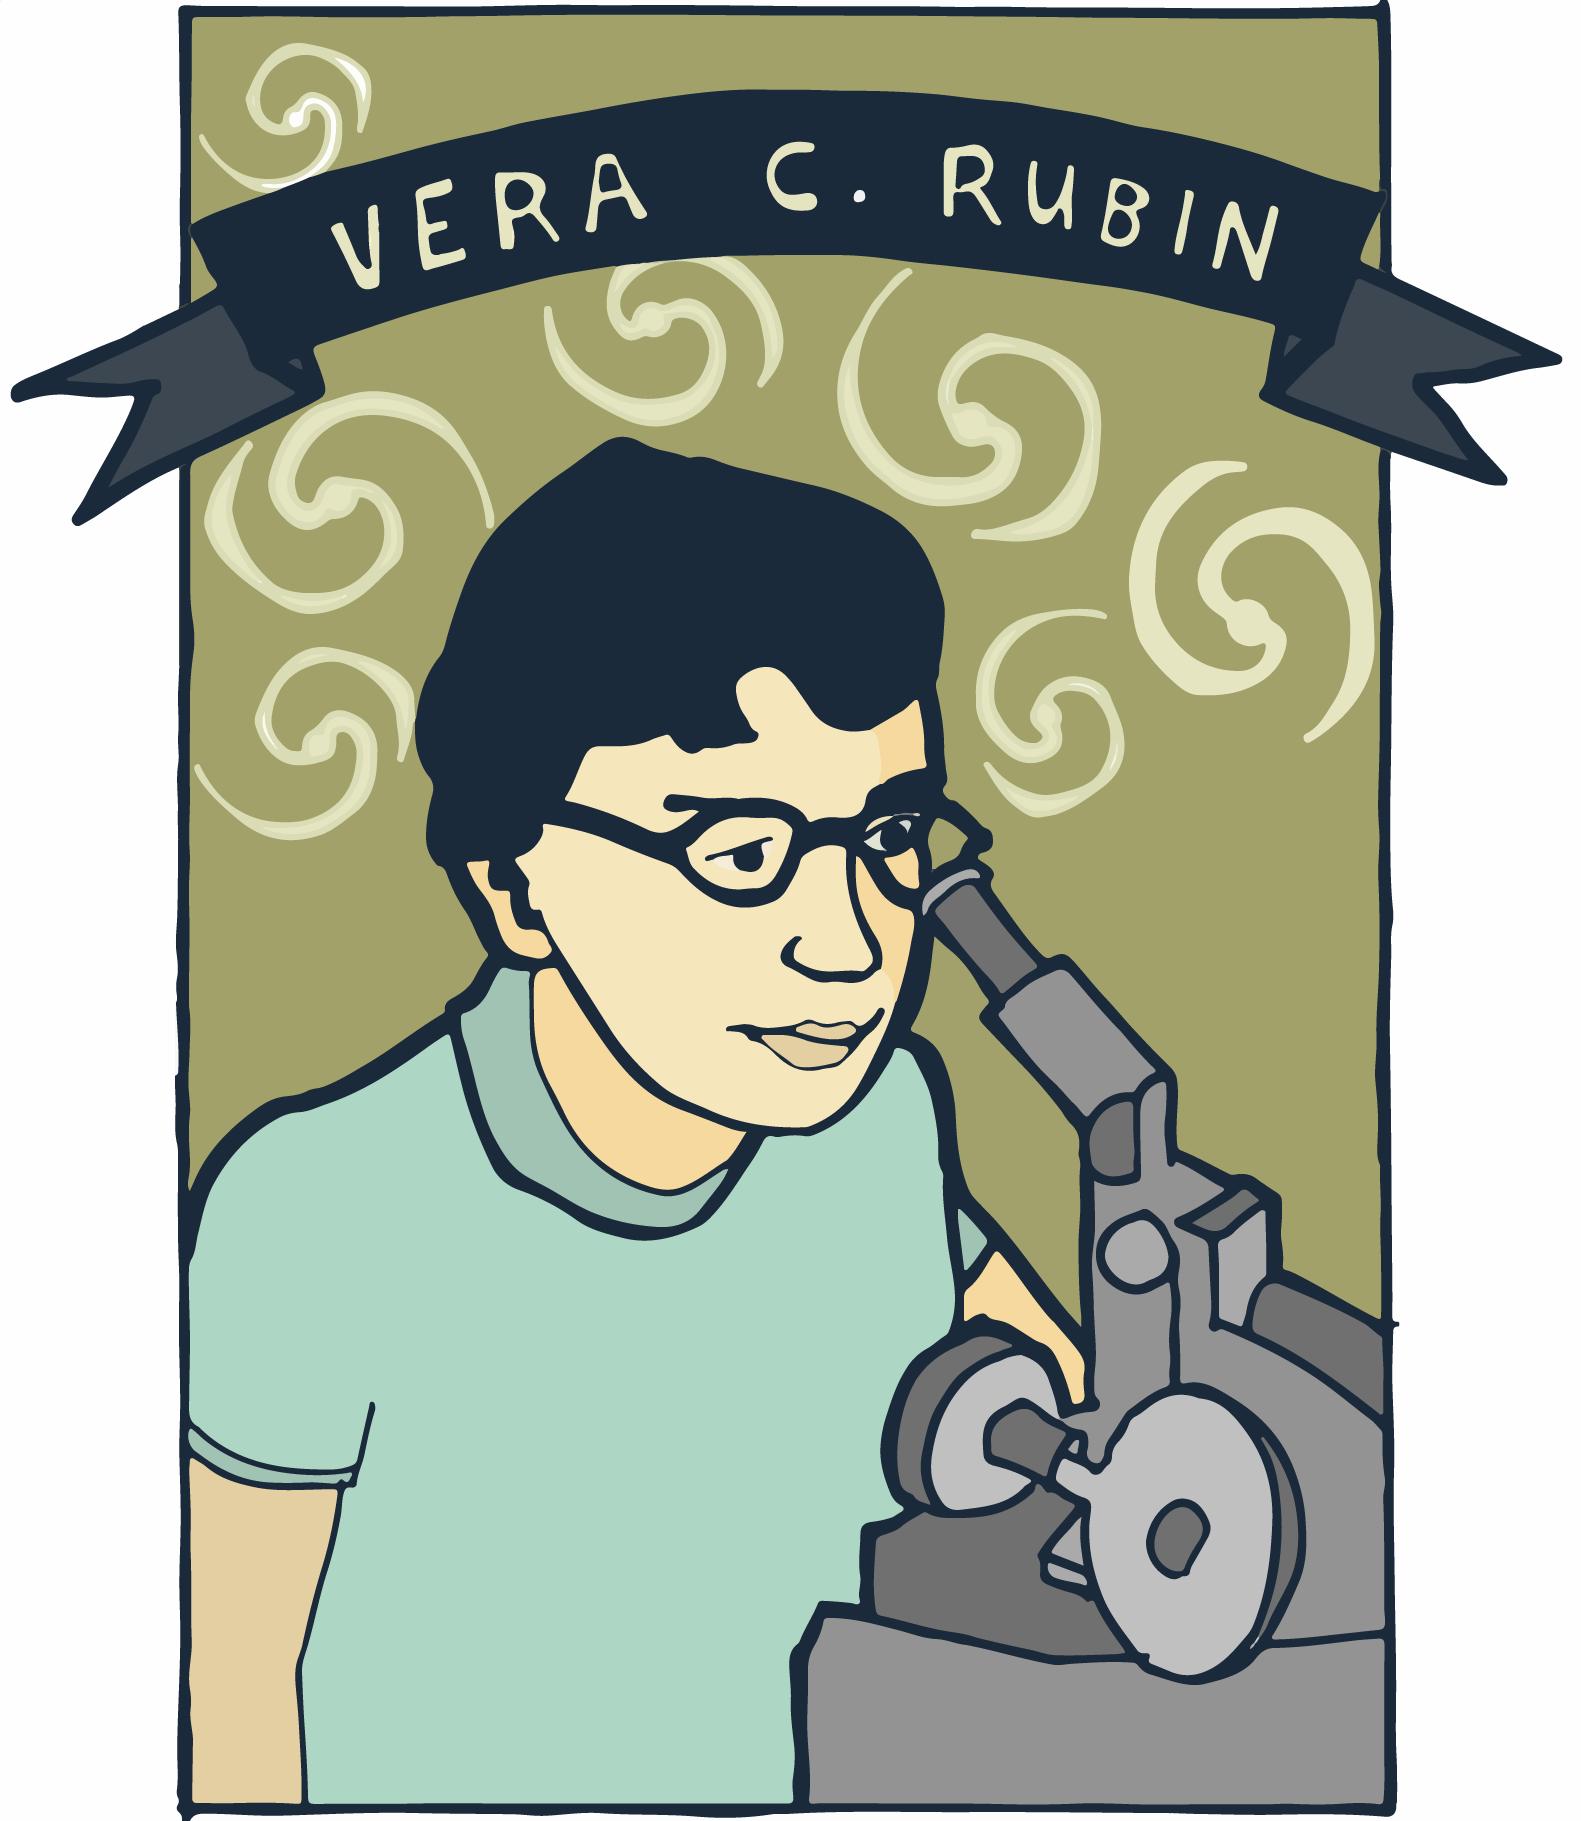 Vera C. Rubin